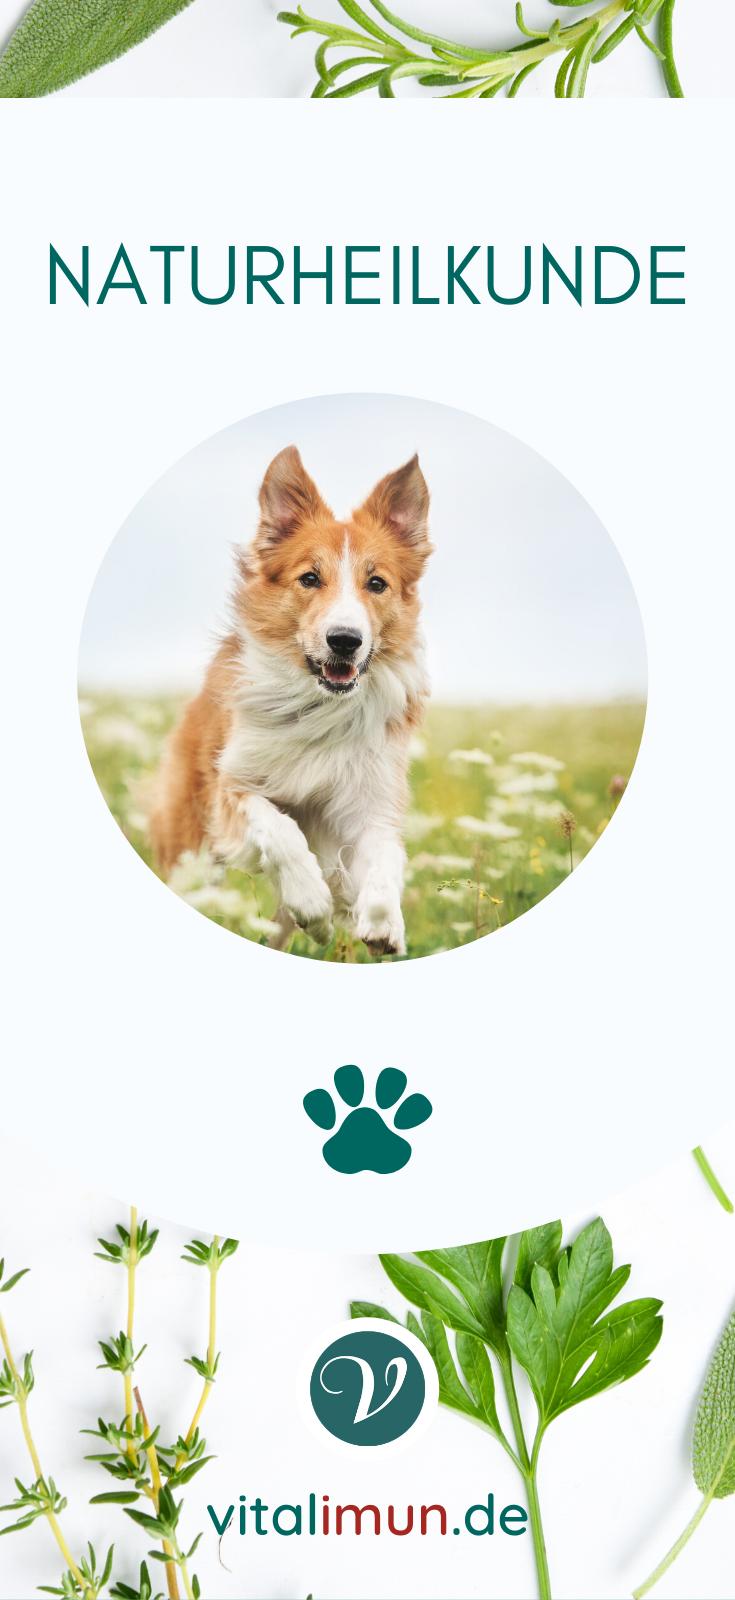 Vita Hound Intensiv Naturliches Erganzungsfuttermittel Fur Hunde In 2020 Naturheilkunde Hunde Hund Naturlich